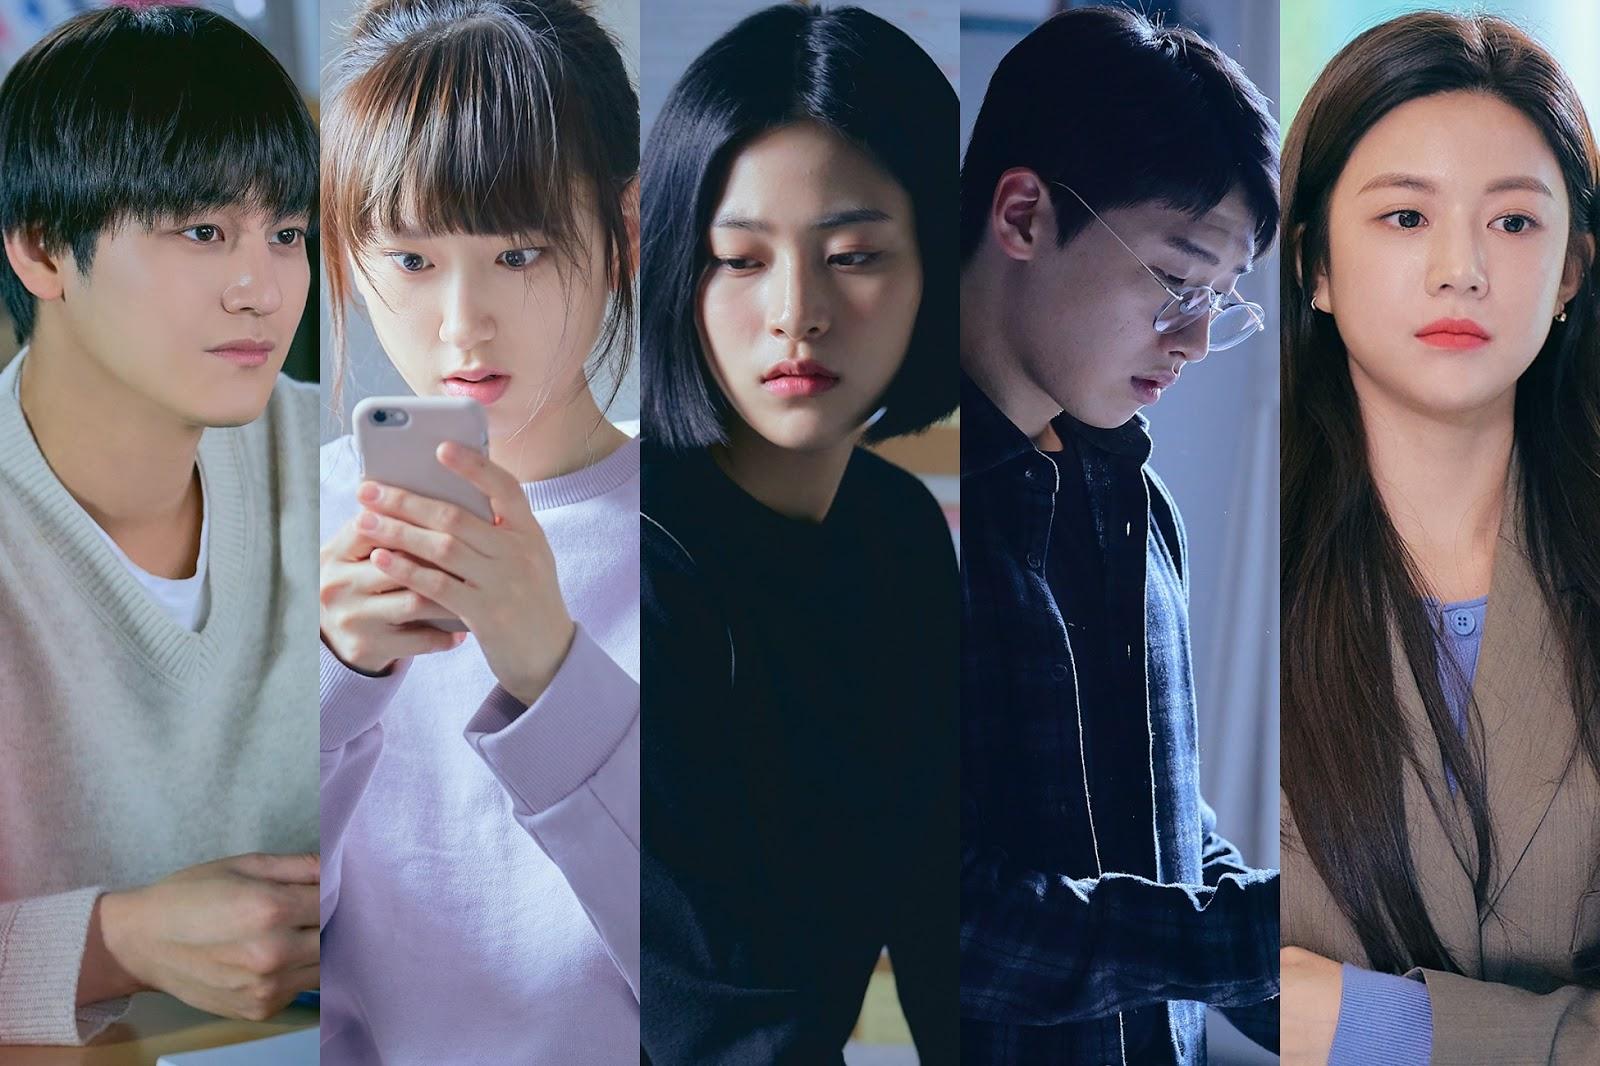 """รู้จักกับเหล่านักแสดงรุ่นใหม่มาแรงจากซีรีส์ """"LAW SCHOOL ชีวิตนักเรียนกฎหมาย"""" ที่ขนดาวรุ่งจากทั่ววงการบันเทิงเกาหลีมาให้จับตามอง"""